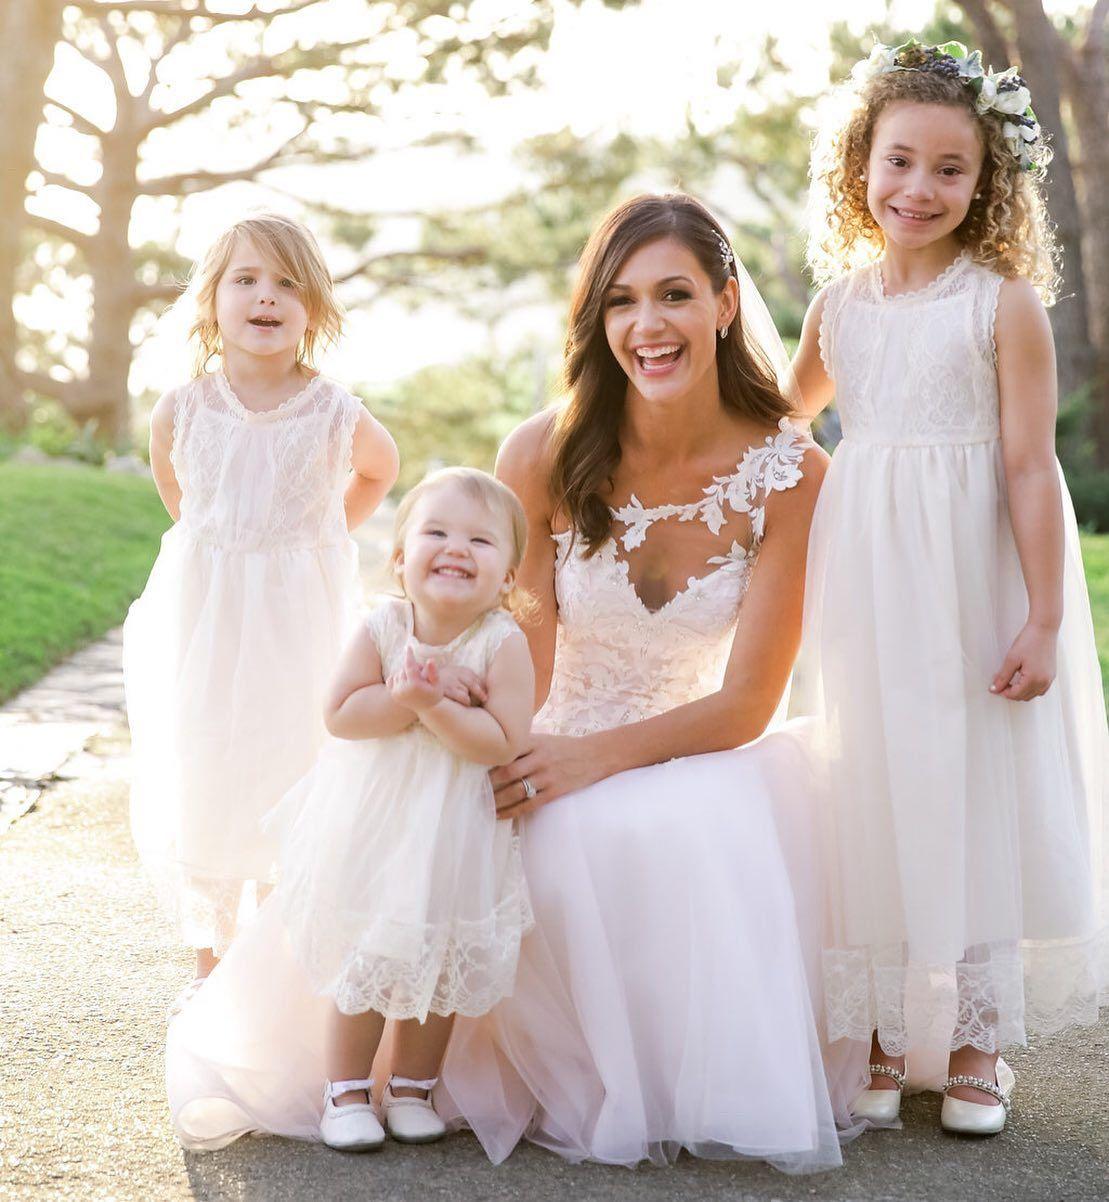 Desiree Chris Siegfried Wedding Bachelor Weddings In 2020 Flower Girl Dresses Tulle Flower Girl Desiree Hartsock